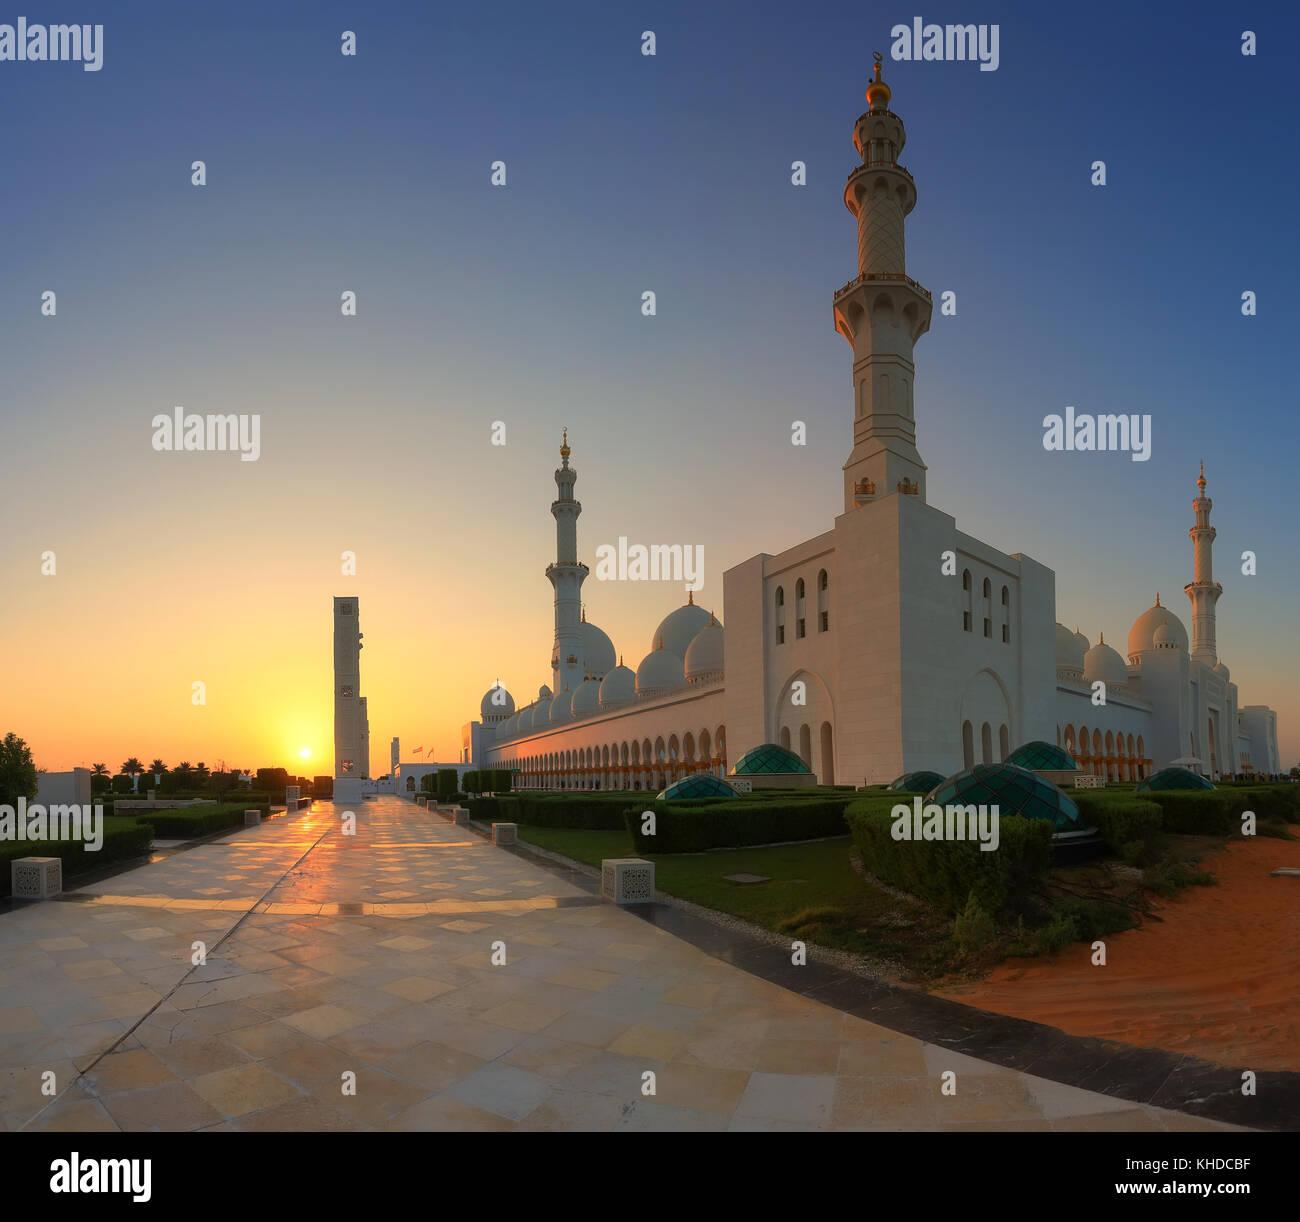 Sheikh Zayed Moschee in Abu Dhabi auf den Sonnenuntergang. Abendsonne weiße Wände auf Abu Dhabi Moschee Stockbild